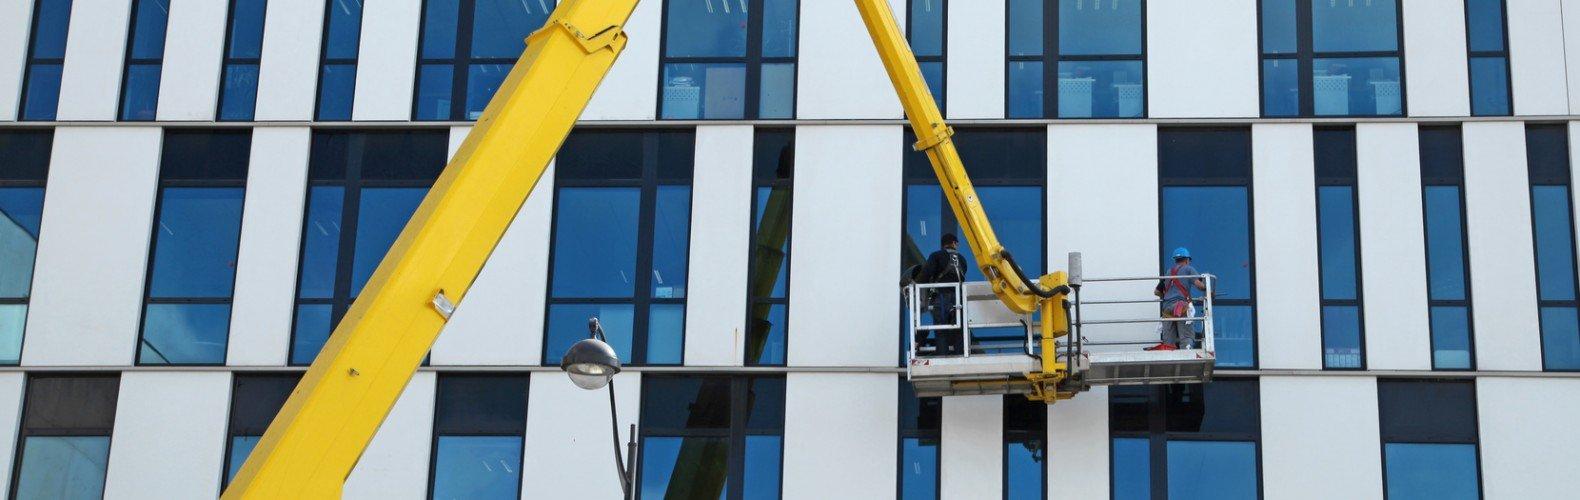 Glasreinigung von Experten in Hannover